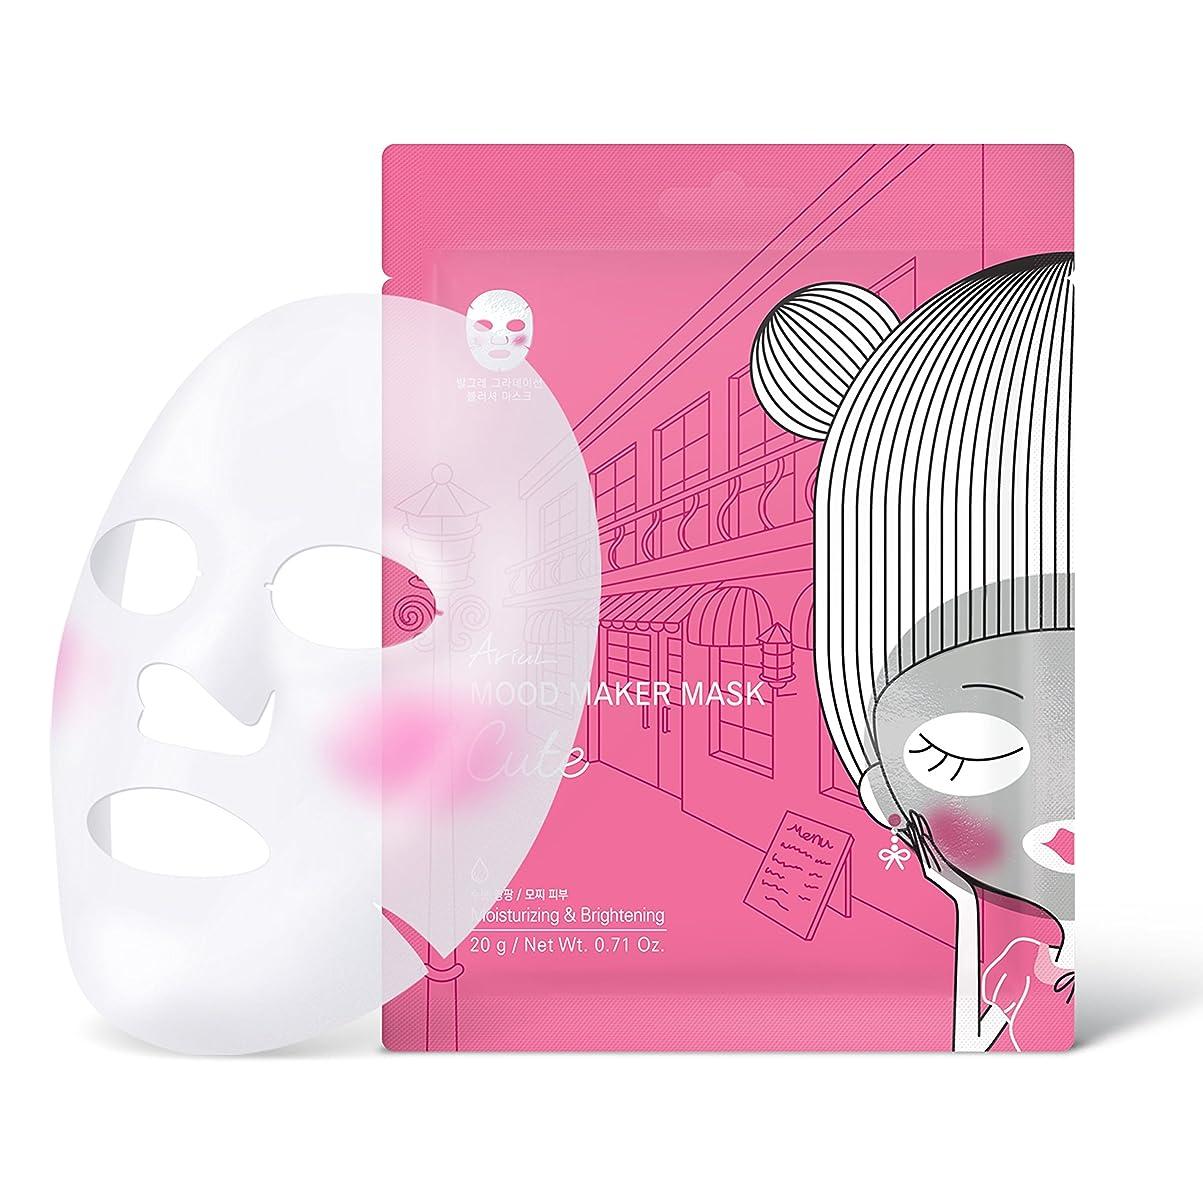 ブラウス利益贈り物アリウル ムードメーカーマスク キュート 1枚入り